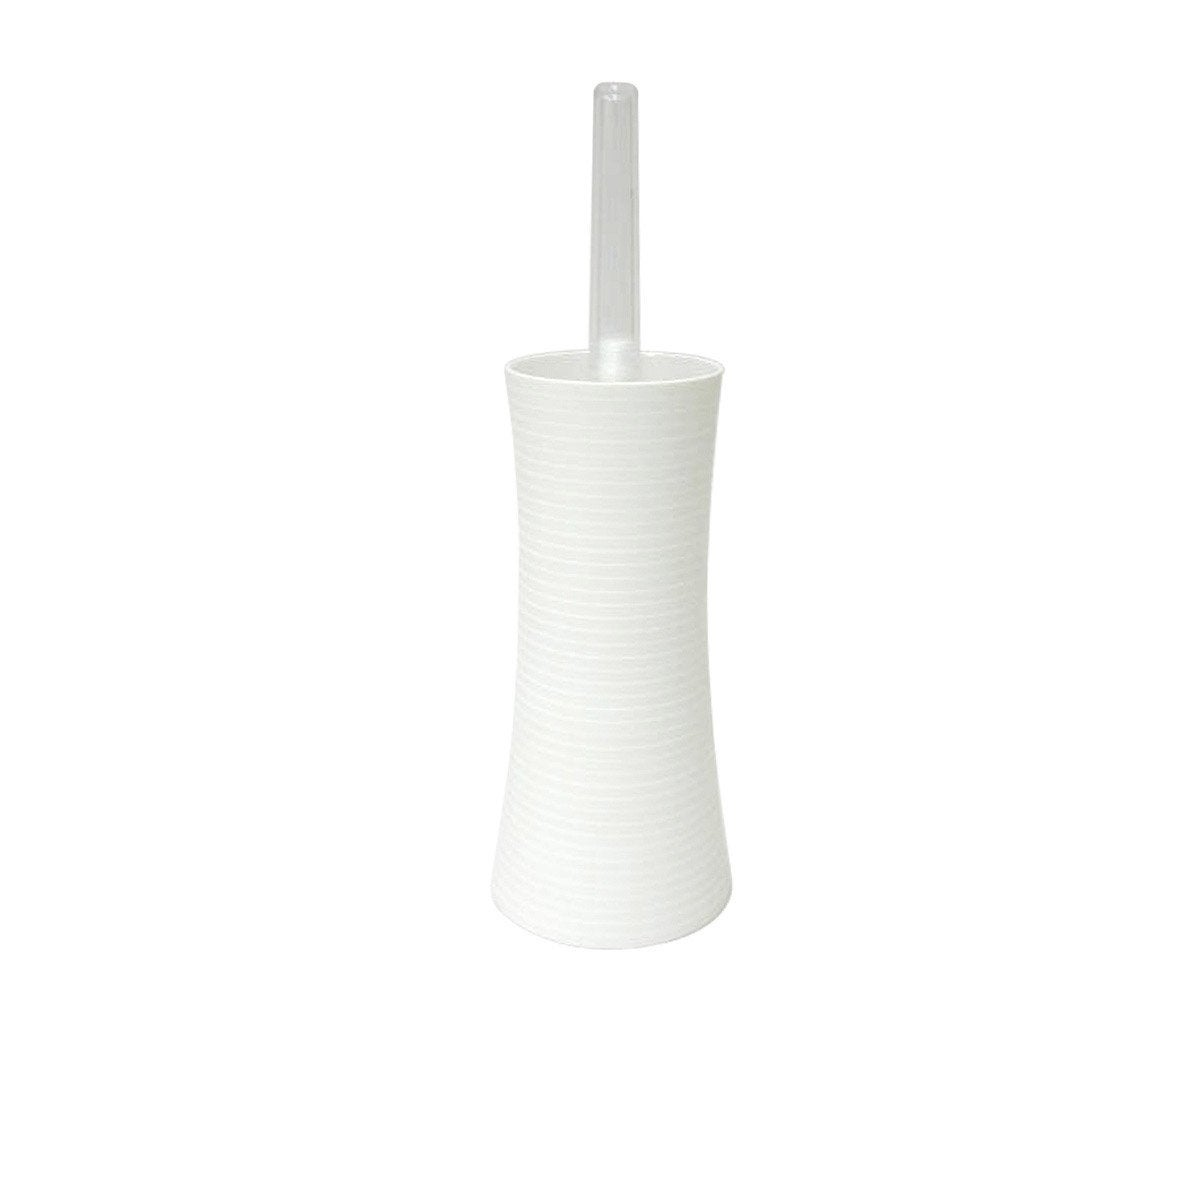 Brosse WC Gom, blanc blanc n°0  Leroy Merlin